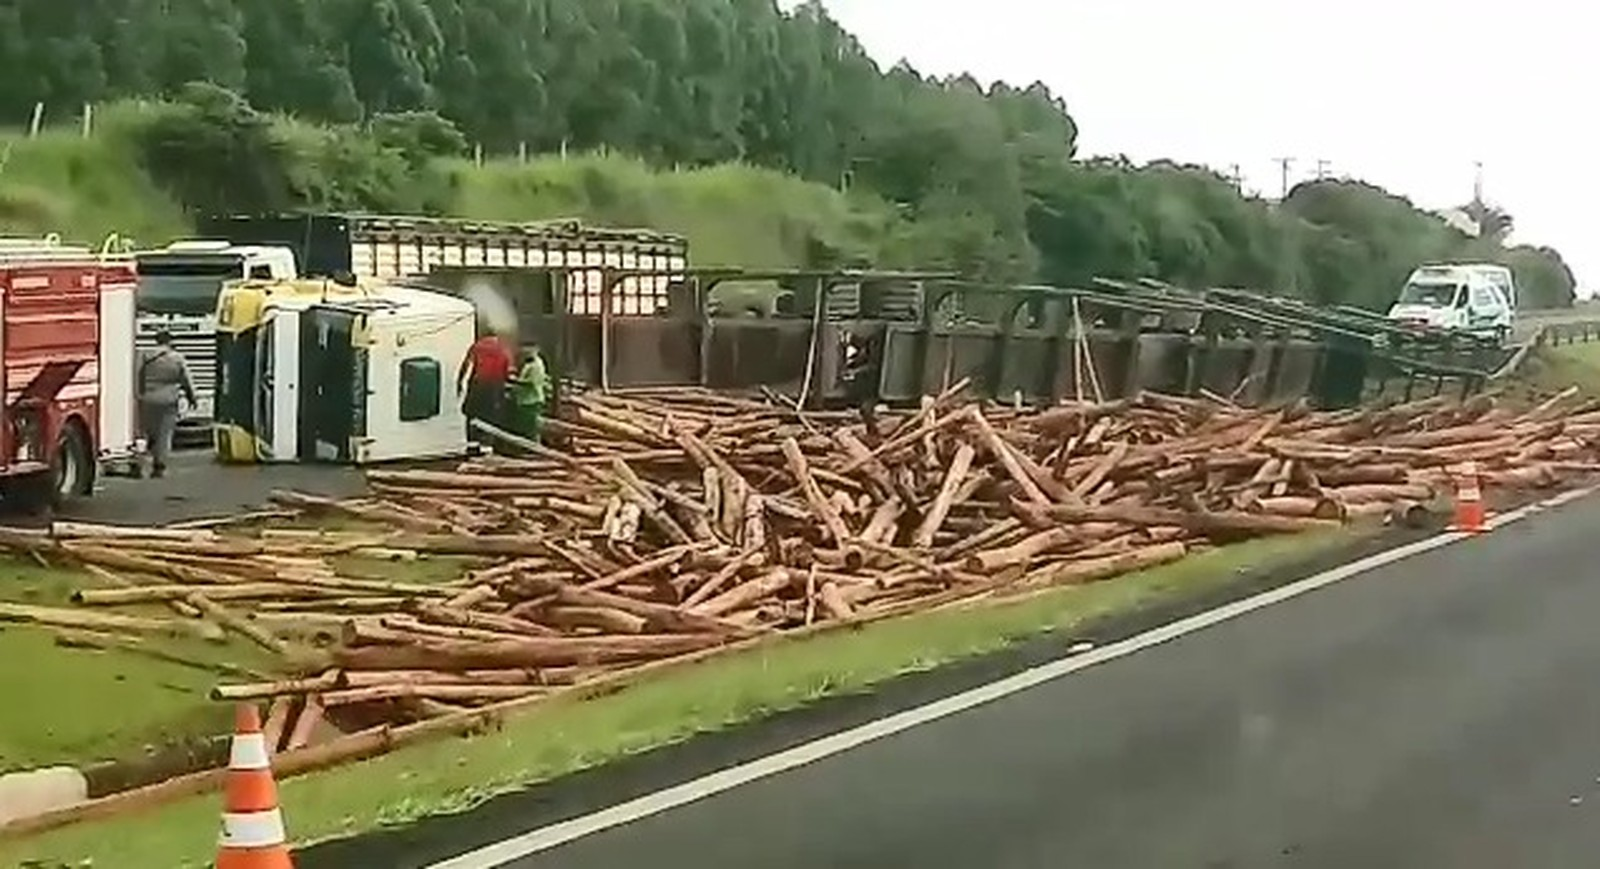 Carreta com madeira tomba em rodovia — Foto: Arquivo pessoal